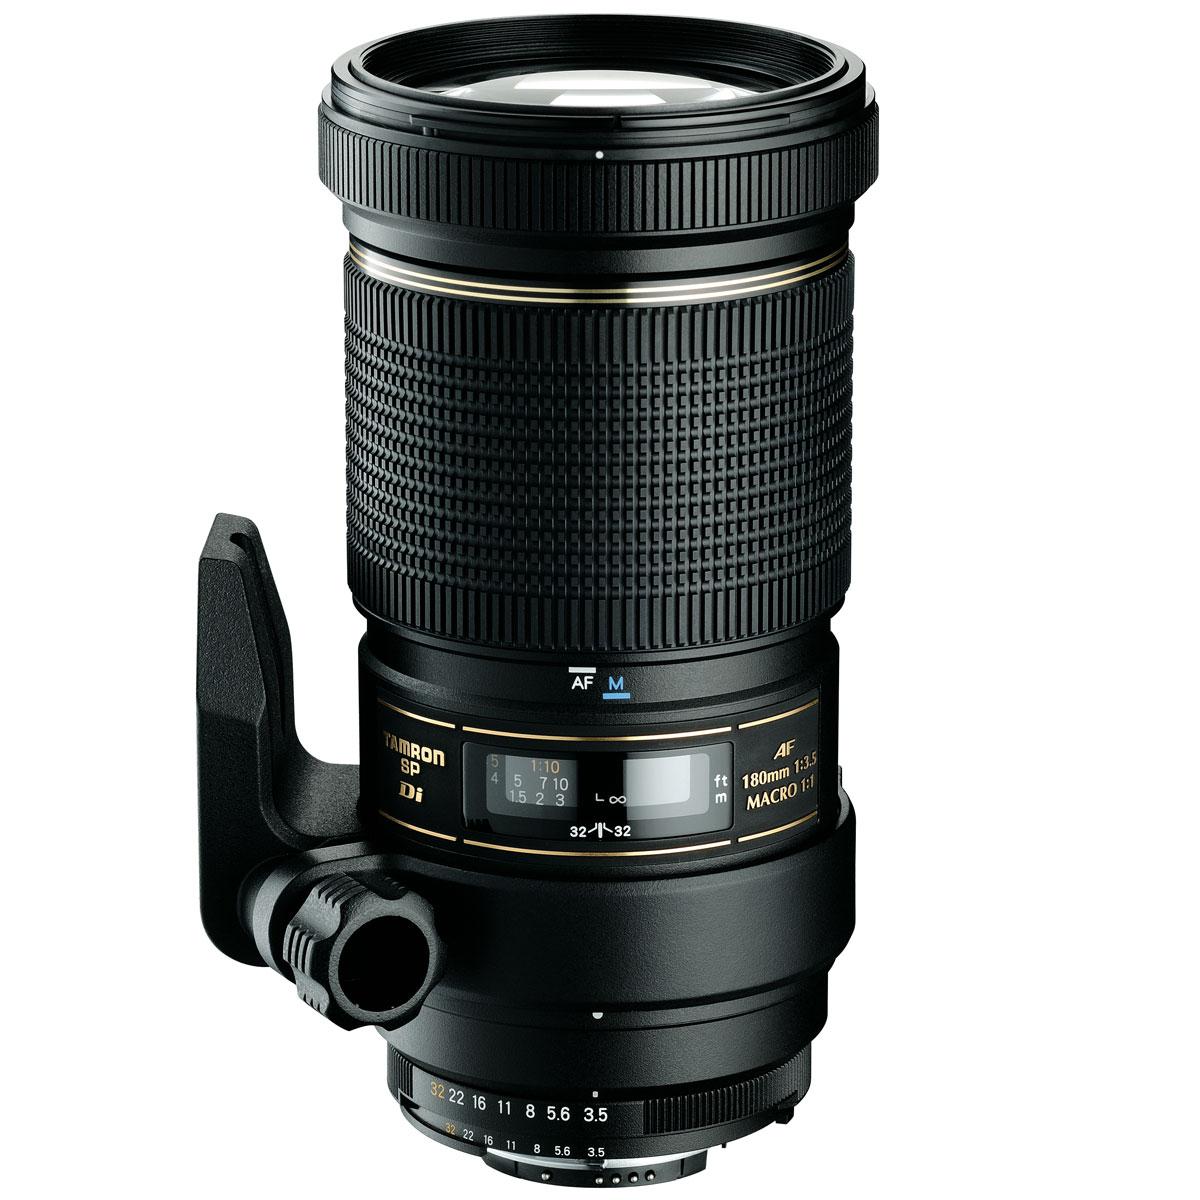 Tamron SP AF 180mm F/3.5 Di LD Macro, Nikon объективB01NПрофессиональный объектив Tamron SP AF 180mm F/3.5 Di LD Macro считается одним из лучших макро-объективов в мире. Он обладает очень хорошей светосилой, сильно сократилось падение силы светового потока на краях изображения, сведены к минимуму хроматические аберрации и отражение рассеянного света. Это делает его лучшим макро-объективом для цифровых зеркальный камер, как полноформатных, так и сенсором формата APS-C. Этот уникальный, очень профессиональный макро-телевик позволяет с одинаково отличными результатами работать дома, на улице или в студии. Он может снимать объекты с любого расстояния и обладает очень большой глубиной резкости. В ситуациях, когда необходимо подойти к объекту достаточно близко, убеждает рабочее расстояние 25 см при масштабе изображения 1:1 (в случае 90 мм приходилось подходить к объекту на расстояние 9 см, что слишком близко для фотографирования насекомых, поскольку они тогда спасаются бегством). Кроме того, система FEC позволяет управлять направлением поляризационного фильтра, если на объектив надета бленда